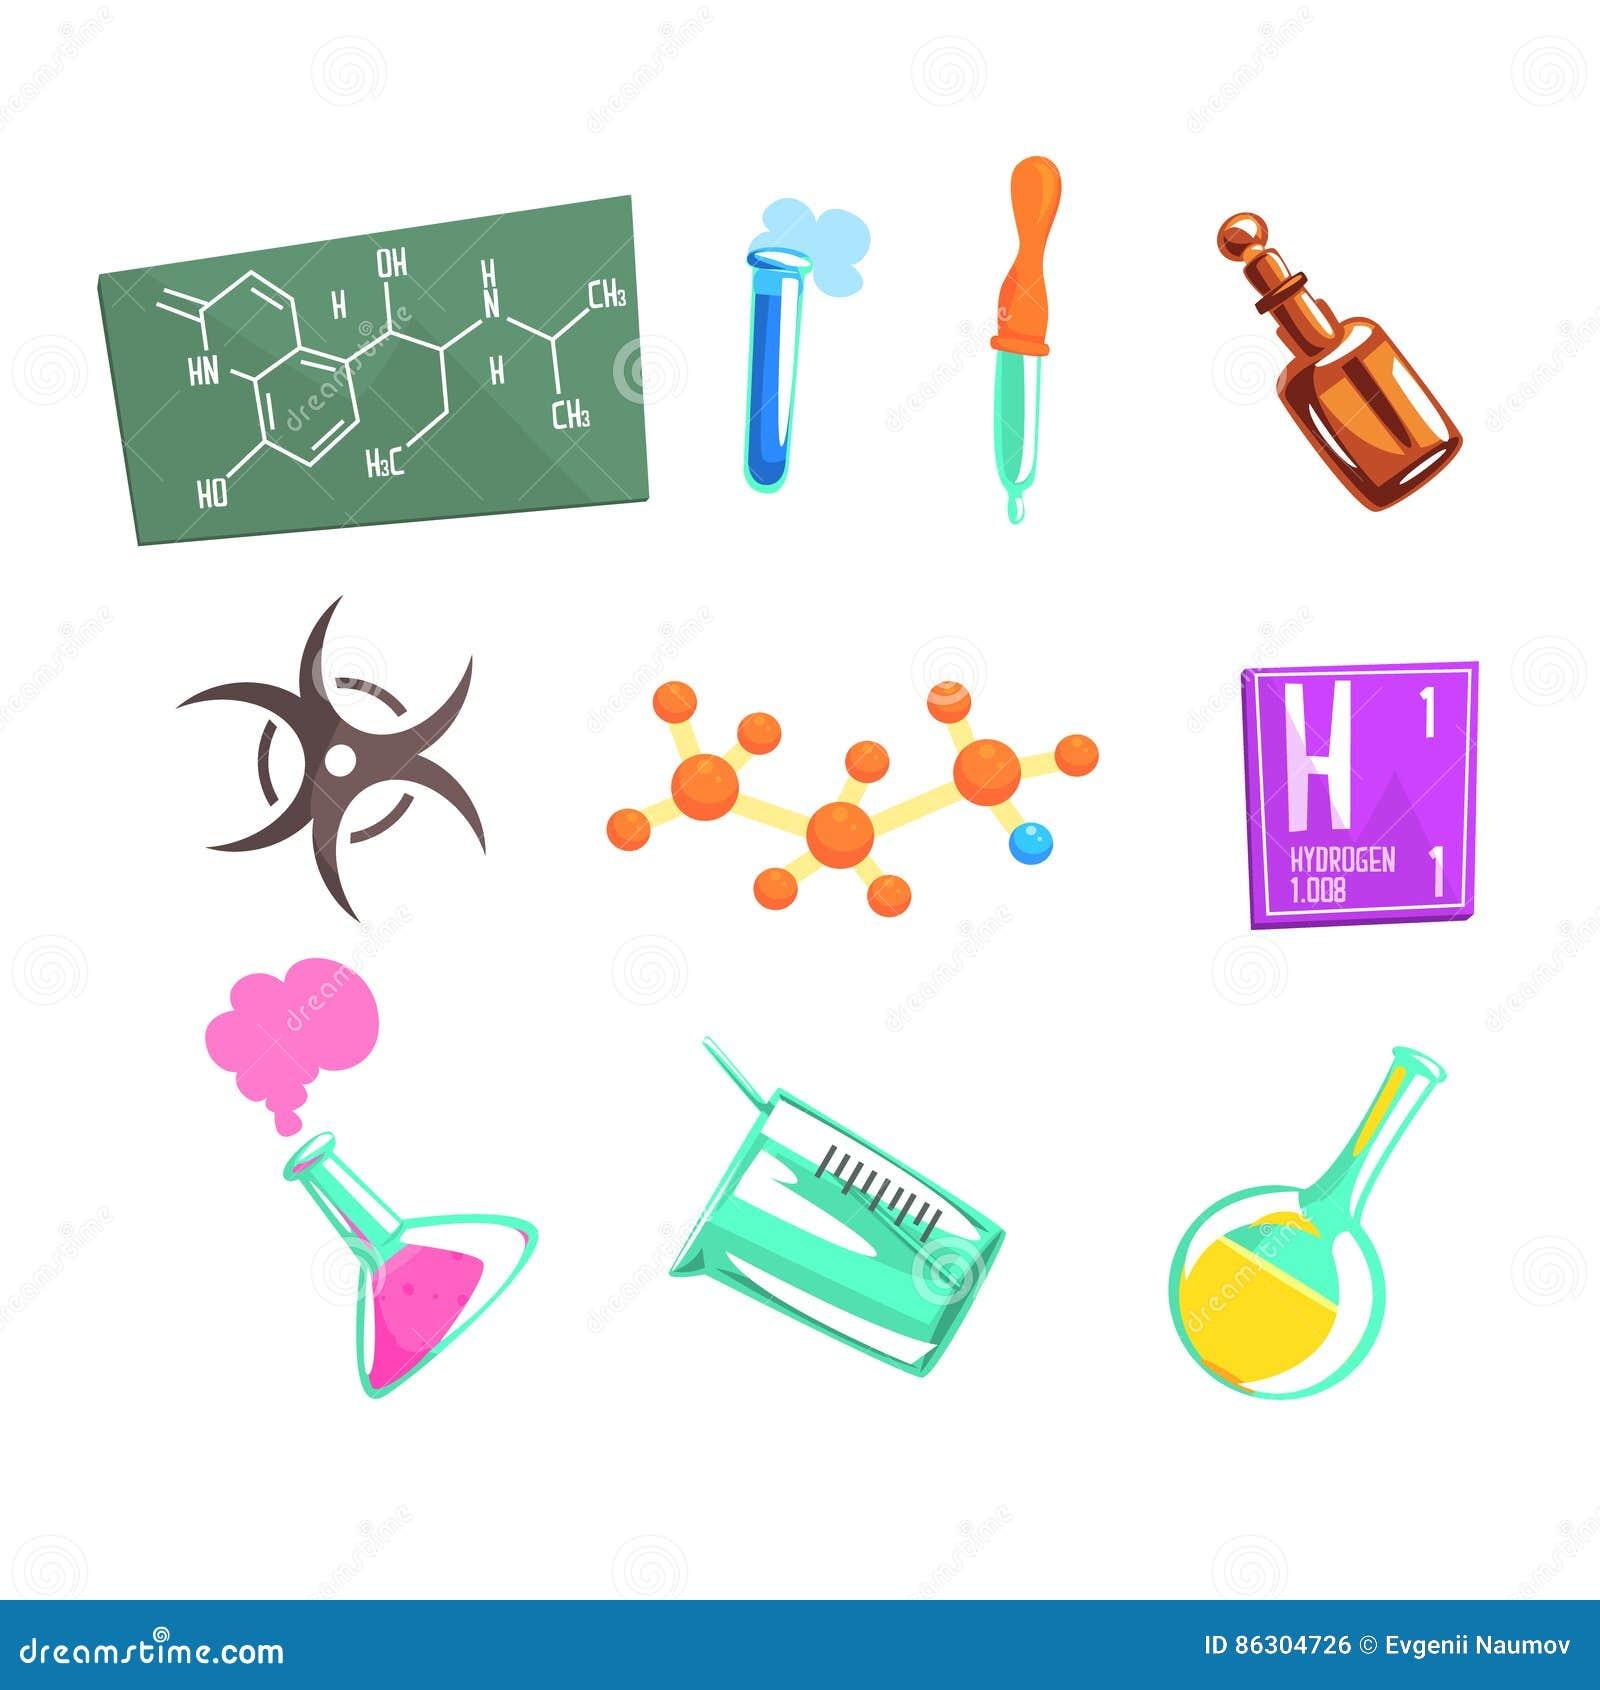 Iconos relacionados de And Chemical Science del científico del químico y equipo experimental del laboratorio